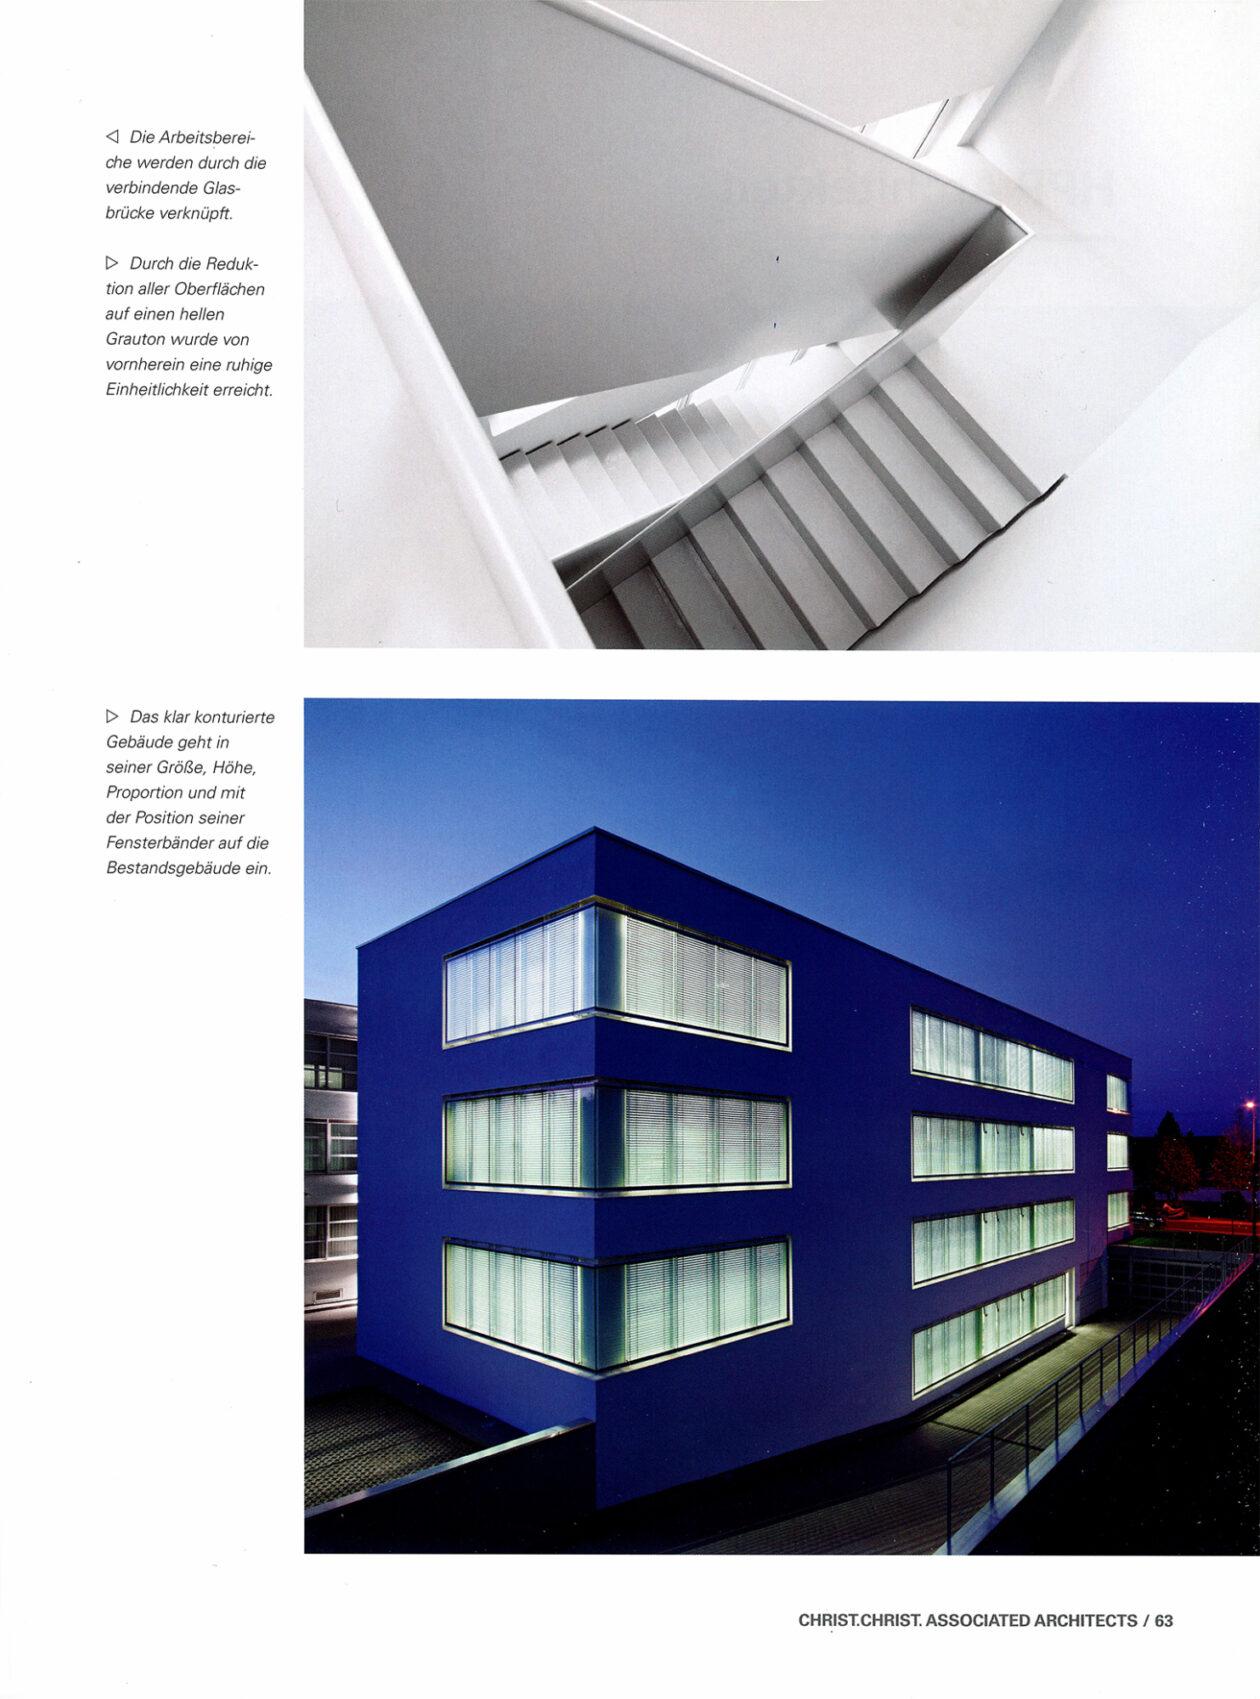 Corporate Architecture 07